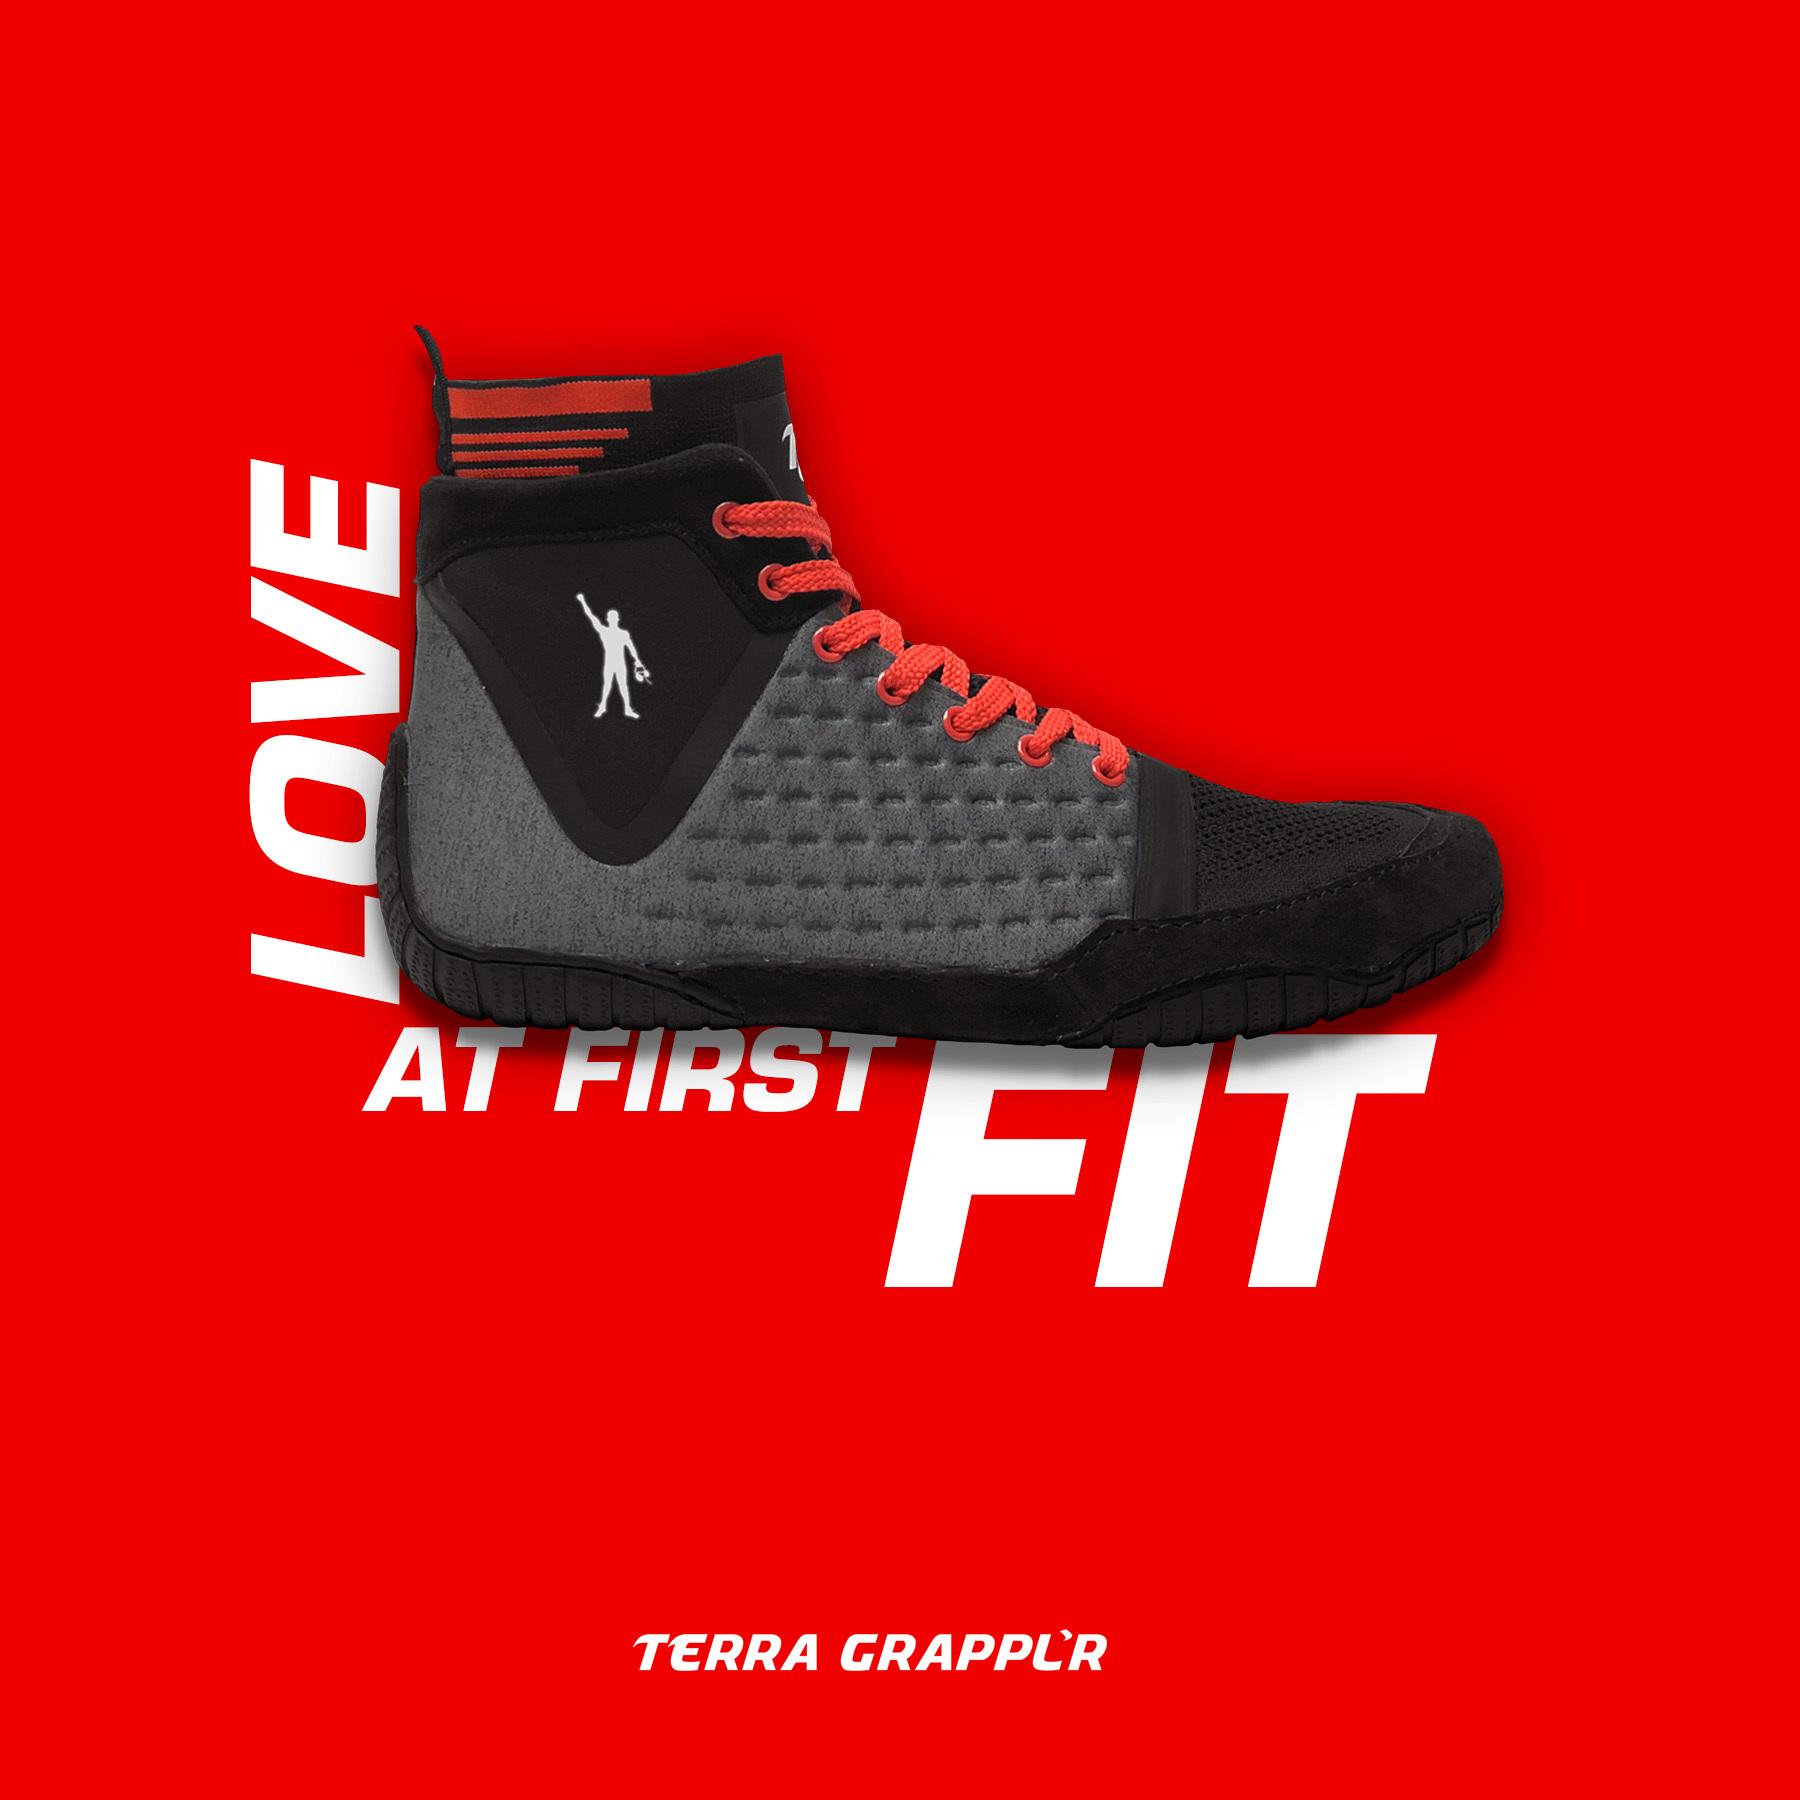 TERRA GRAPPL'R Premier OG Edition Wrestling Shoe